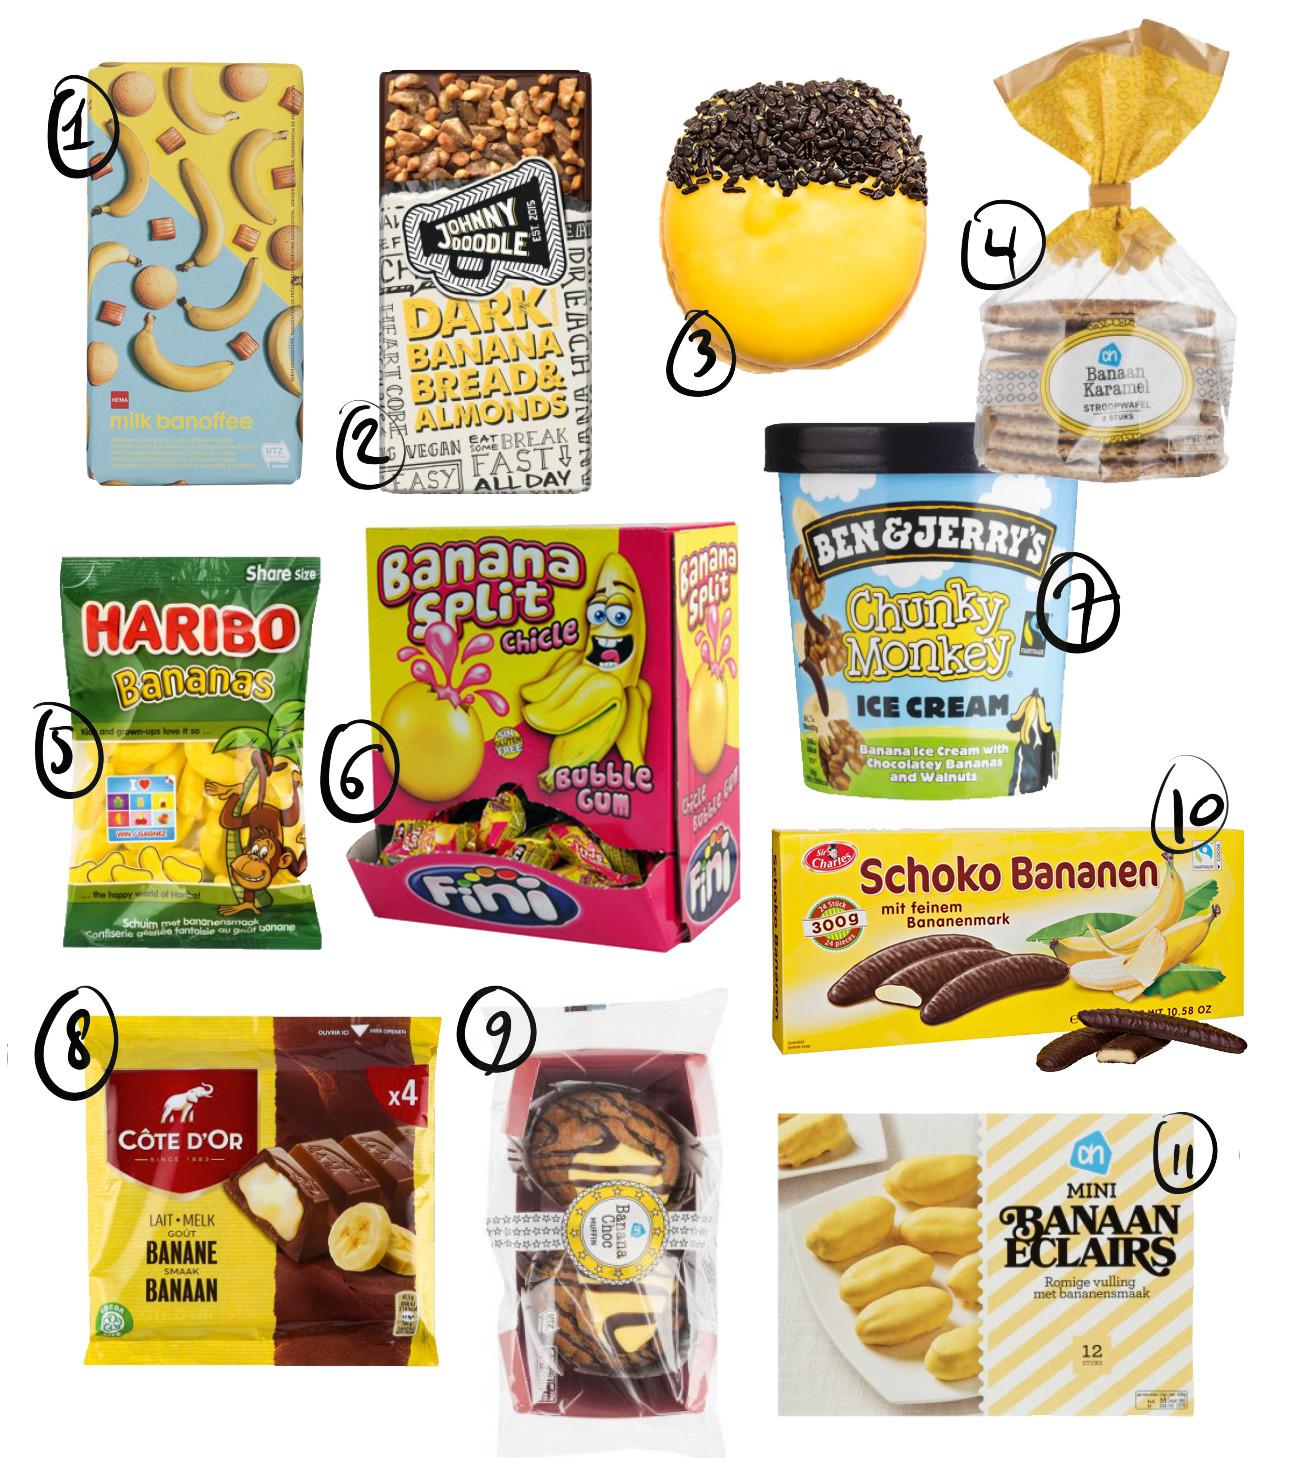 allemaal verschillende gele verpakkingen met banaantjes erop en andere felle kleurtjes